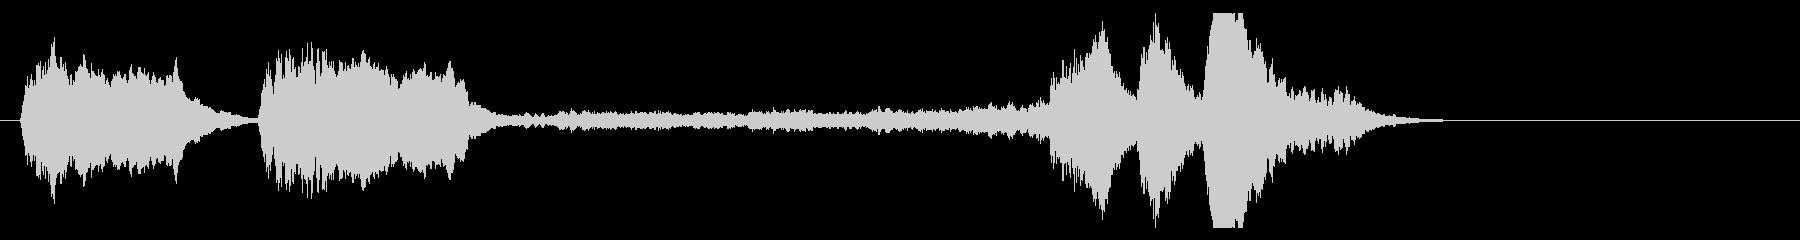 ベートーヴェン交響曲第5番(運命)冒頭の未再生の波形